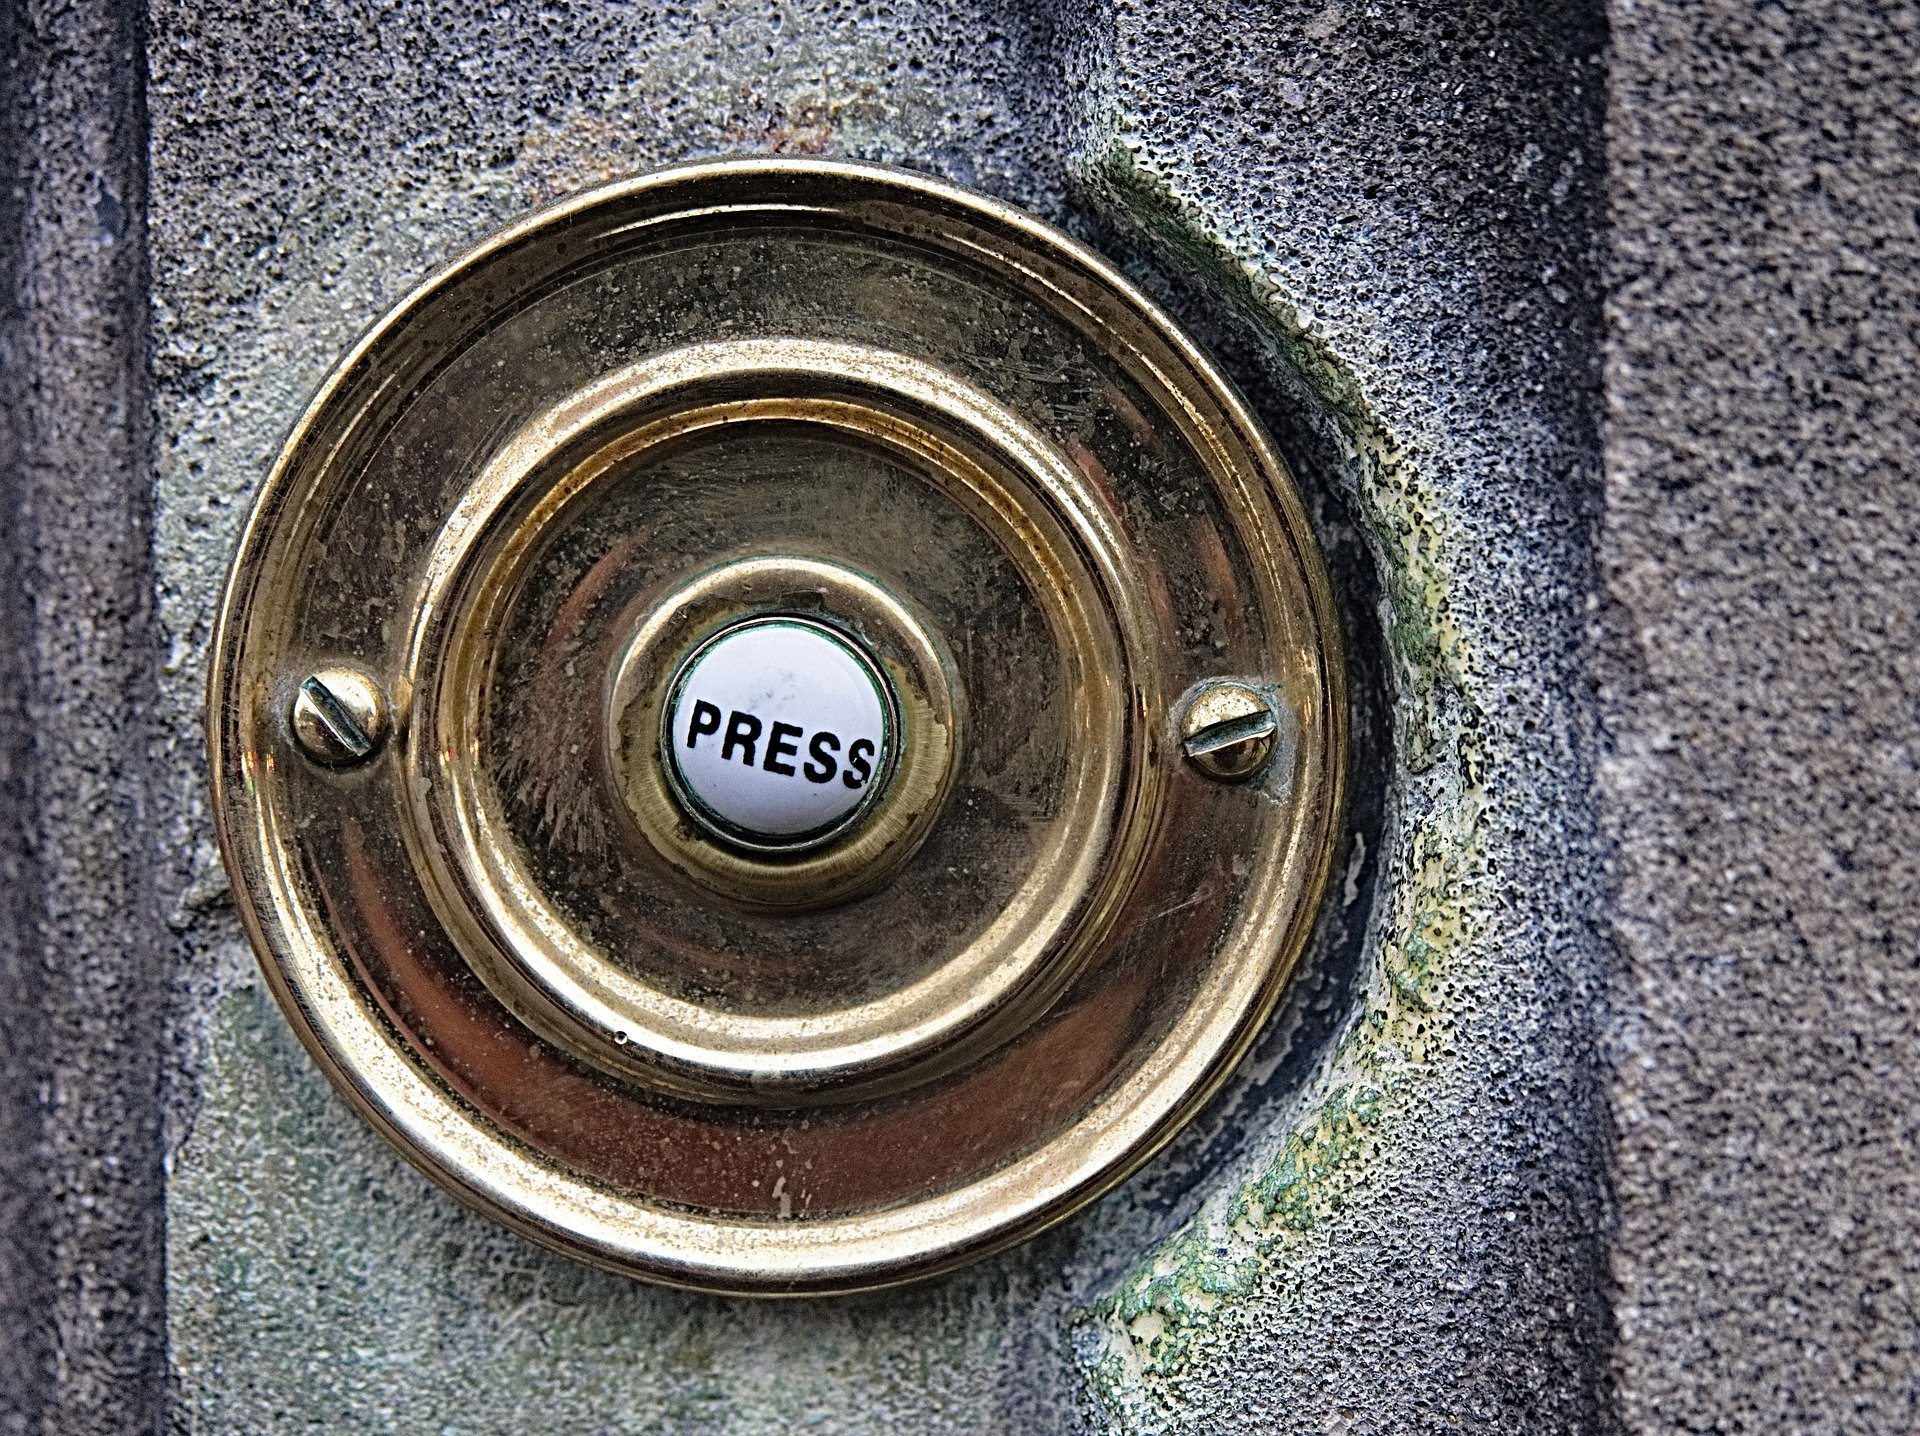 doorbell-1926488_1920.jpg